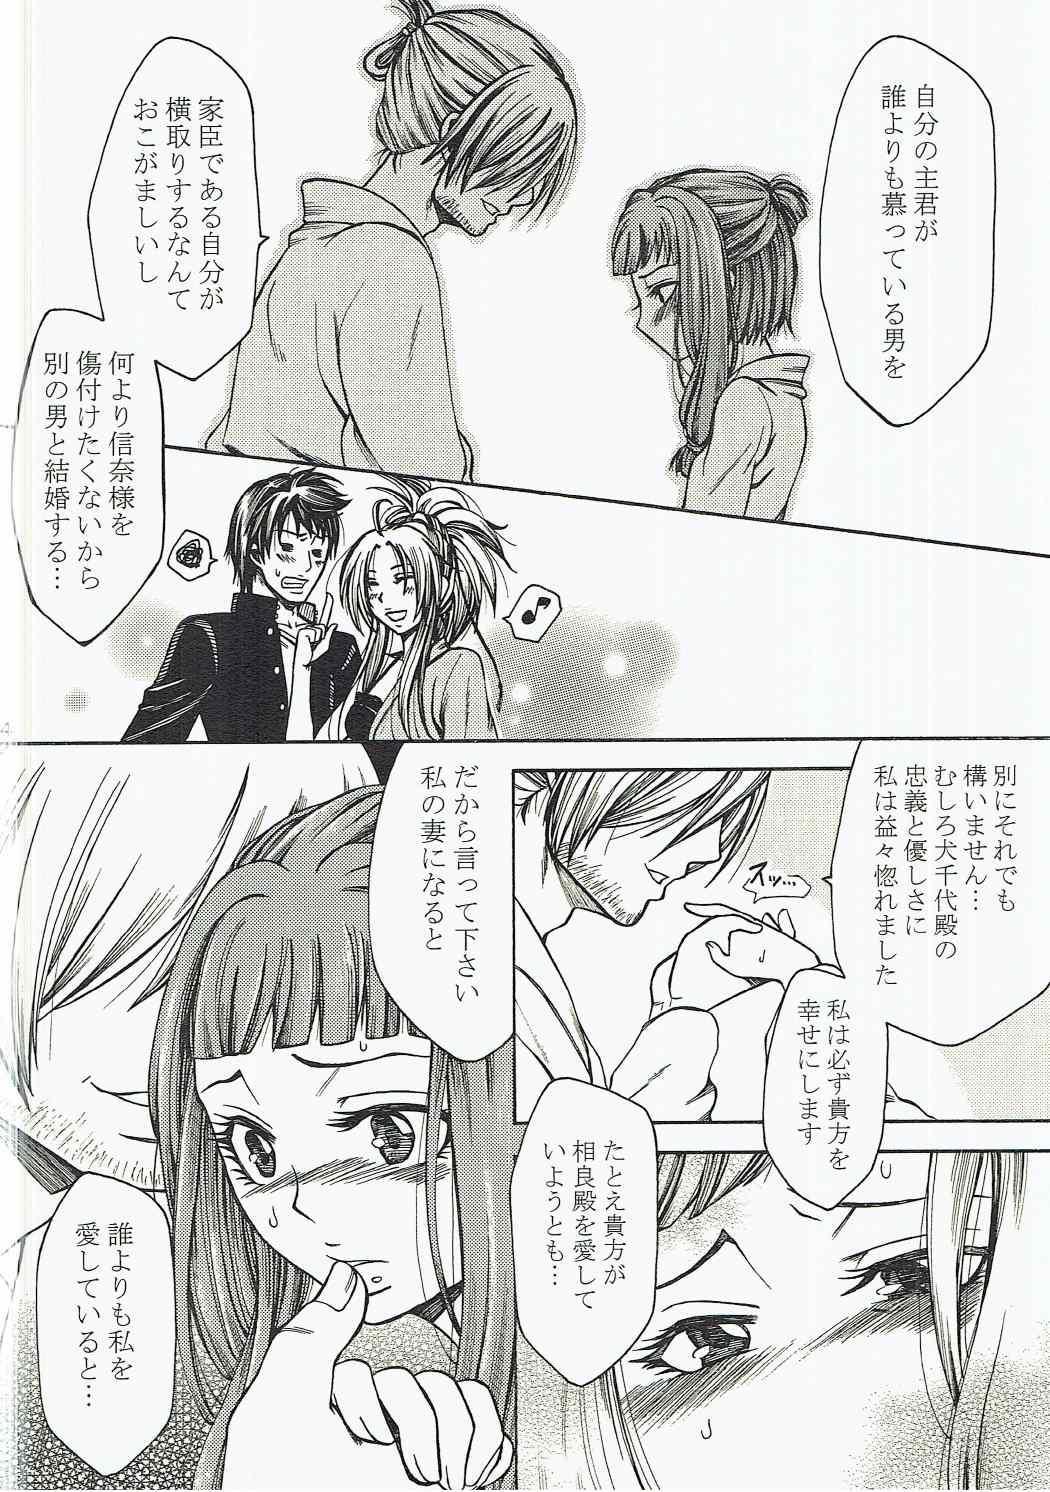 Inuchiyo-chan ga Yoshiharu janai Otoko to Kekkon suru Hon. 2